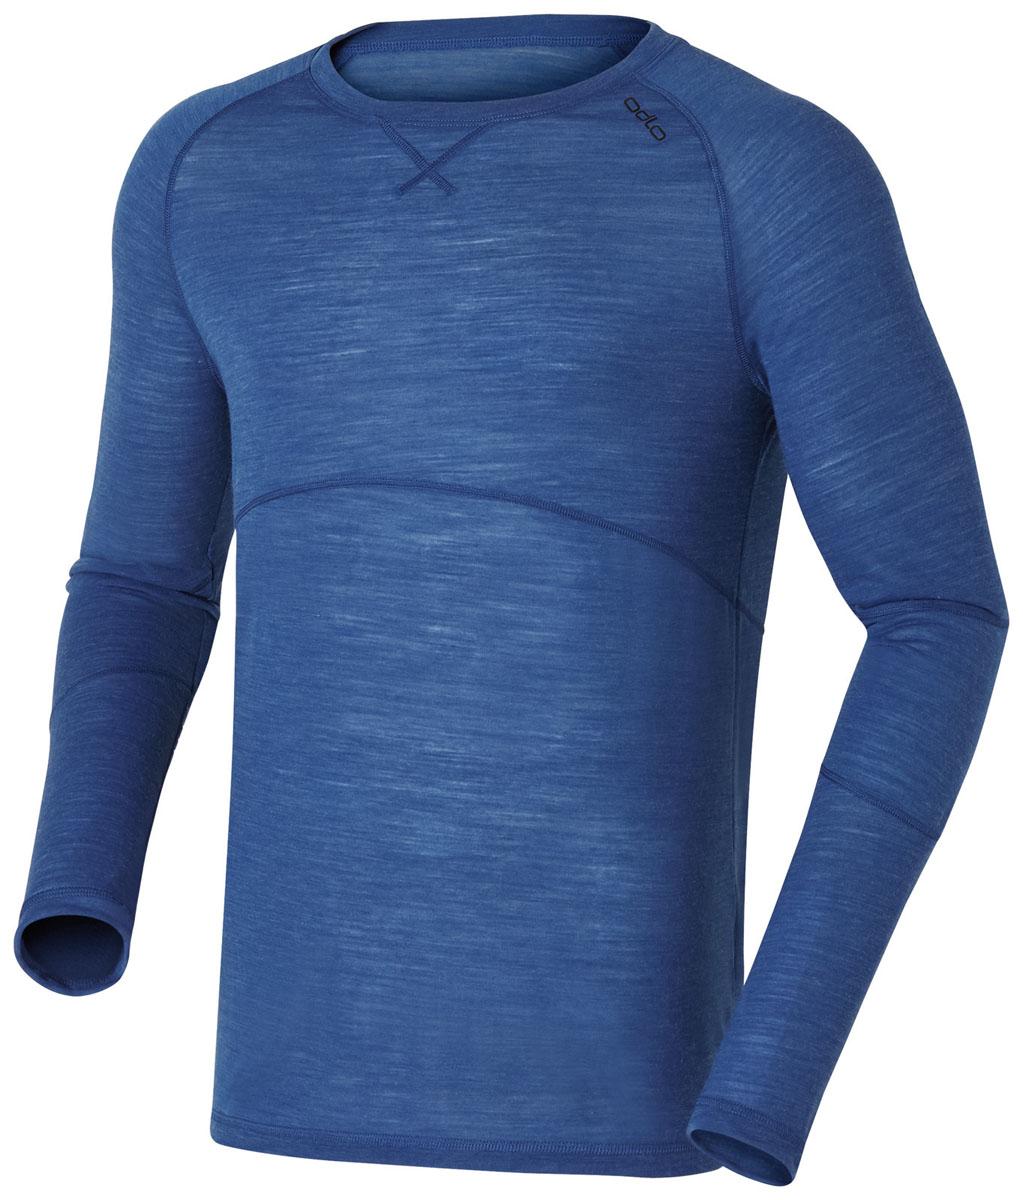 110072_20175Мужская футболка с длинным рукавом Odlo Revolution Light идеально подходит для отдыха в горах, чем бы вы ни занимались - катанием на лыжах, прогулкой или просто нахождением на открытом воздухе! Футболка обладает высокой транспортировкой влаги, высокой эластичностью и быстро высыхает. Модель с длинными рукавами-реглан изготовлена из полиэстера с добавлением натуральной шерсти. Высококачественная мериносовая шерсть защищает от неприятных запахов и дарит комфорт до, и после лыжни. Полиэстер дает влаге испариться, обеспечивая тепло и комфорт.